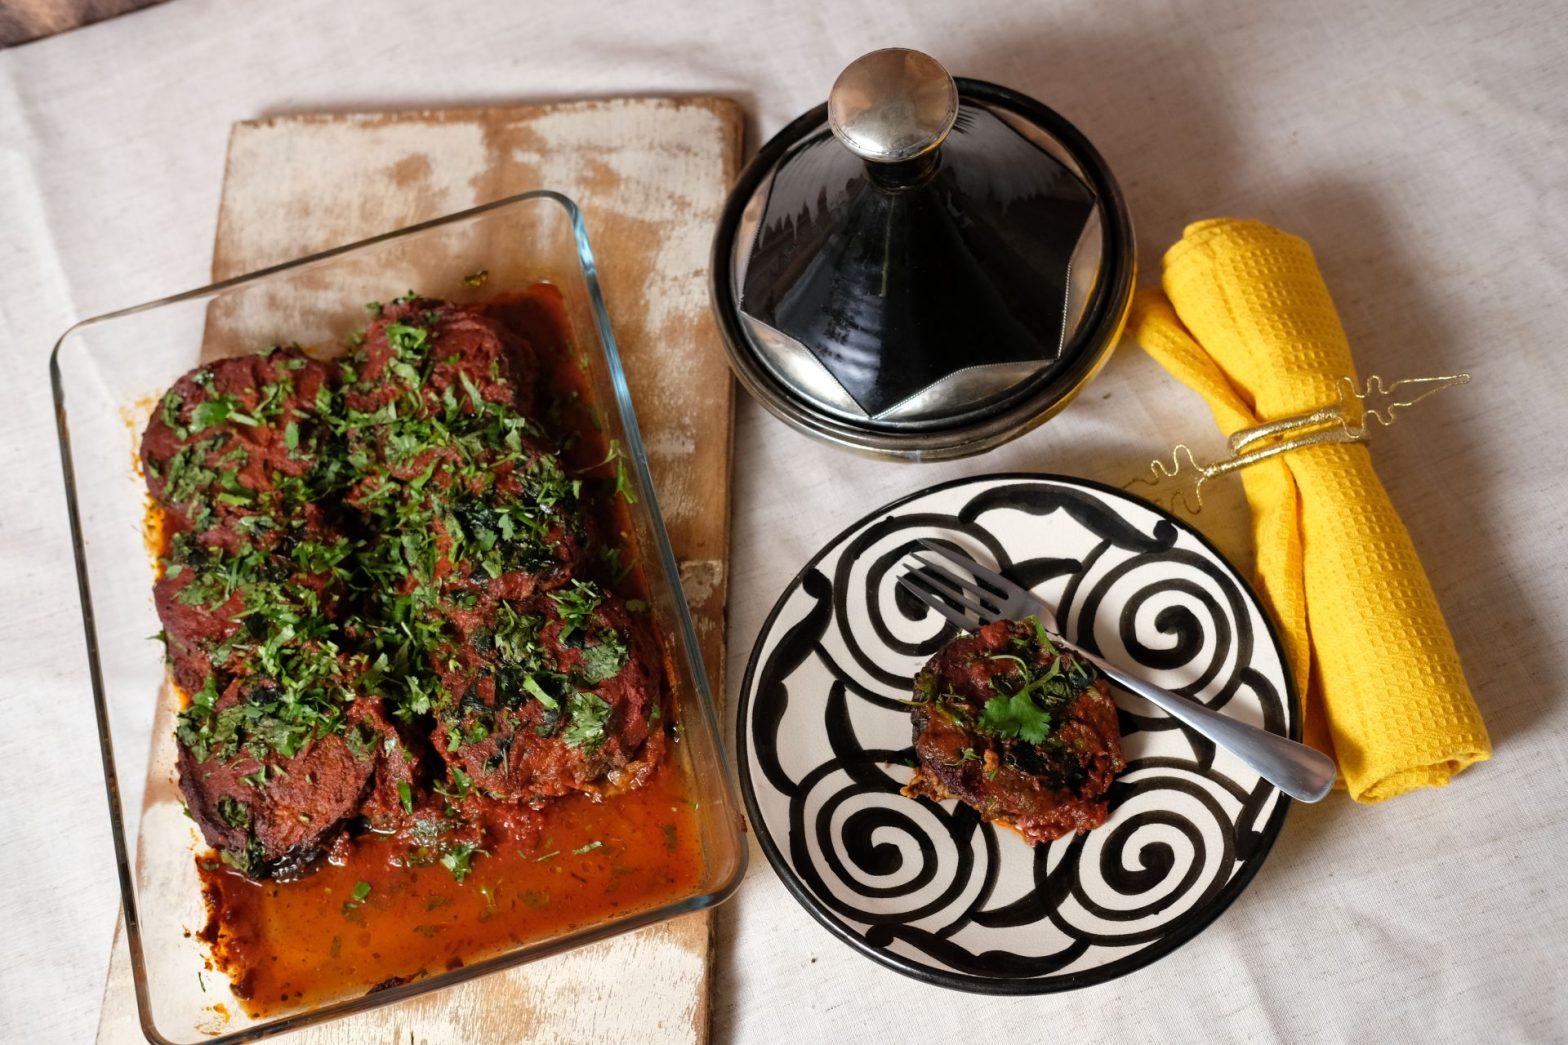 מוסקה של חגית אלקבץ עם ג'קי אזולאי – אל תפספסו את הטעם הנפלא